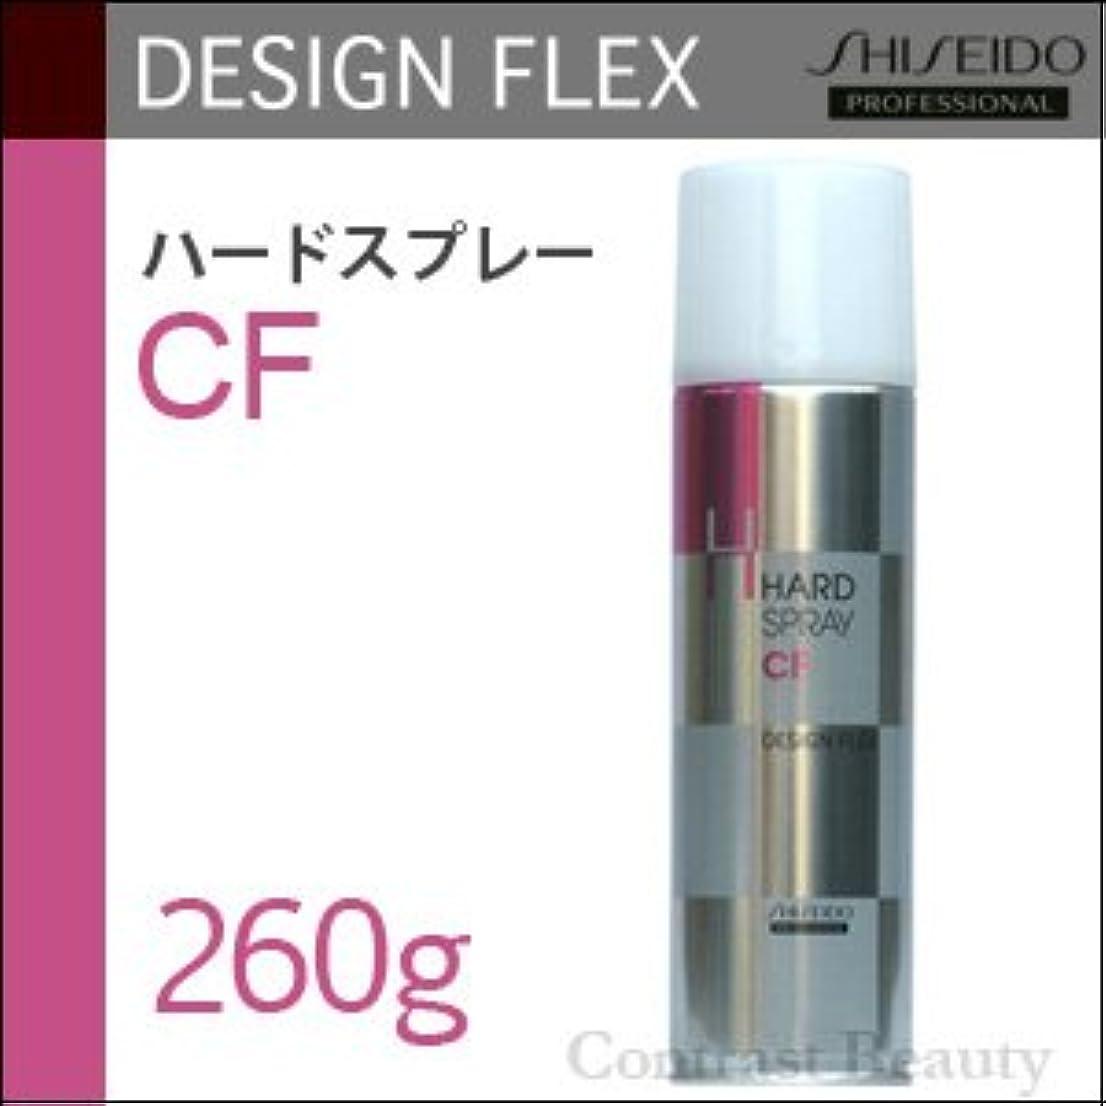 ディスパッチ熱心なせせらぎ【x5個セット】 資生堂 デザインフレックス ハードスプレーCF 260g